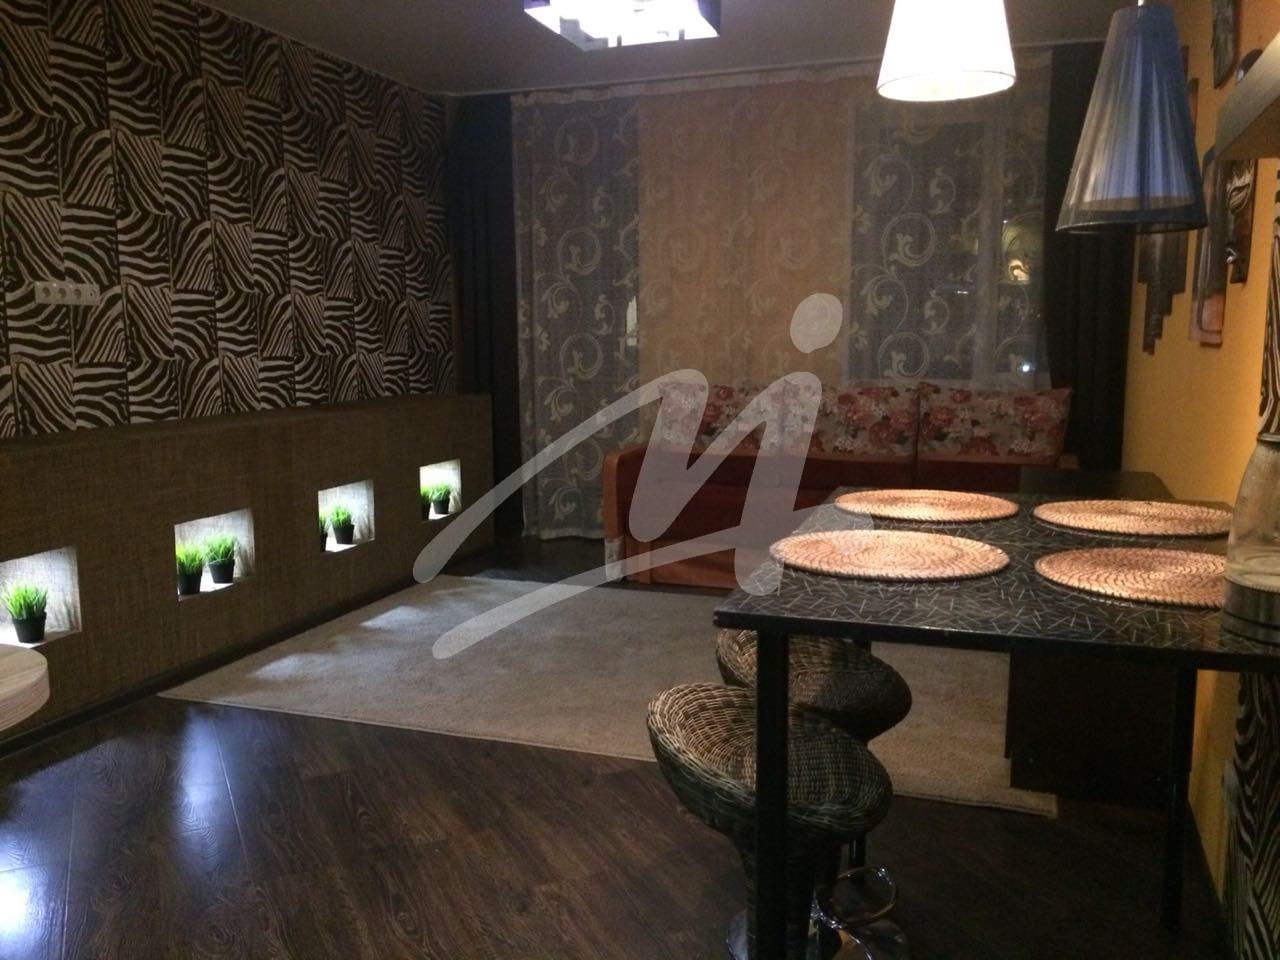 Продается двухкомнатная квартира за 4 490 000 рублей. Московская обл, г Люберцы, деревня Мотяково, д 65 к 26.